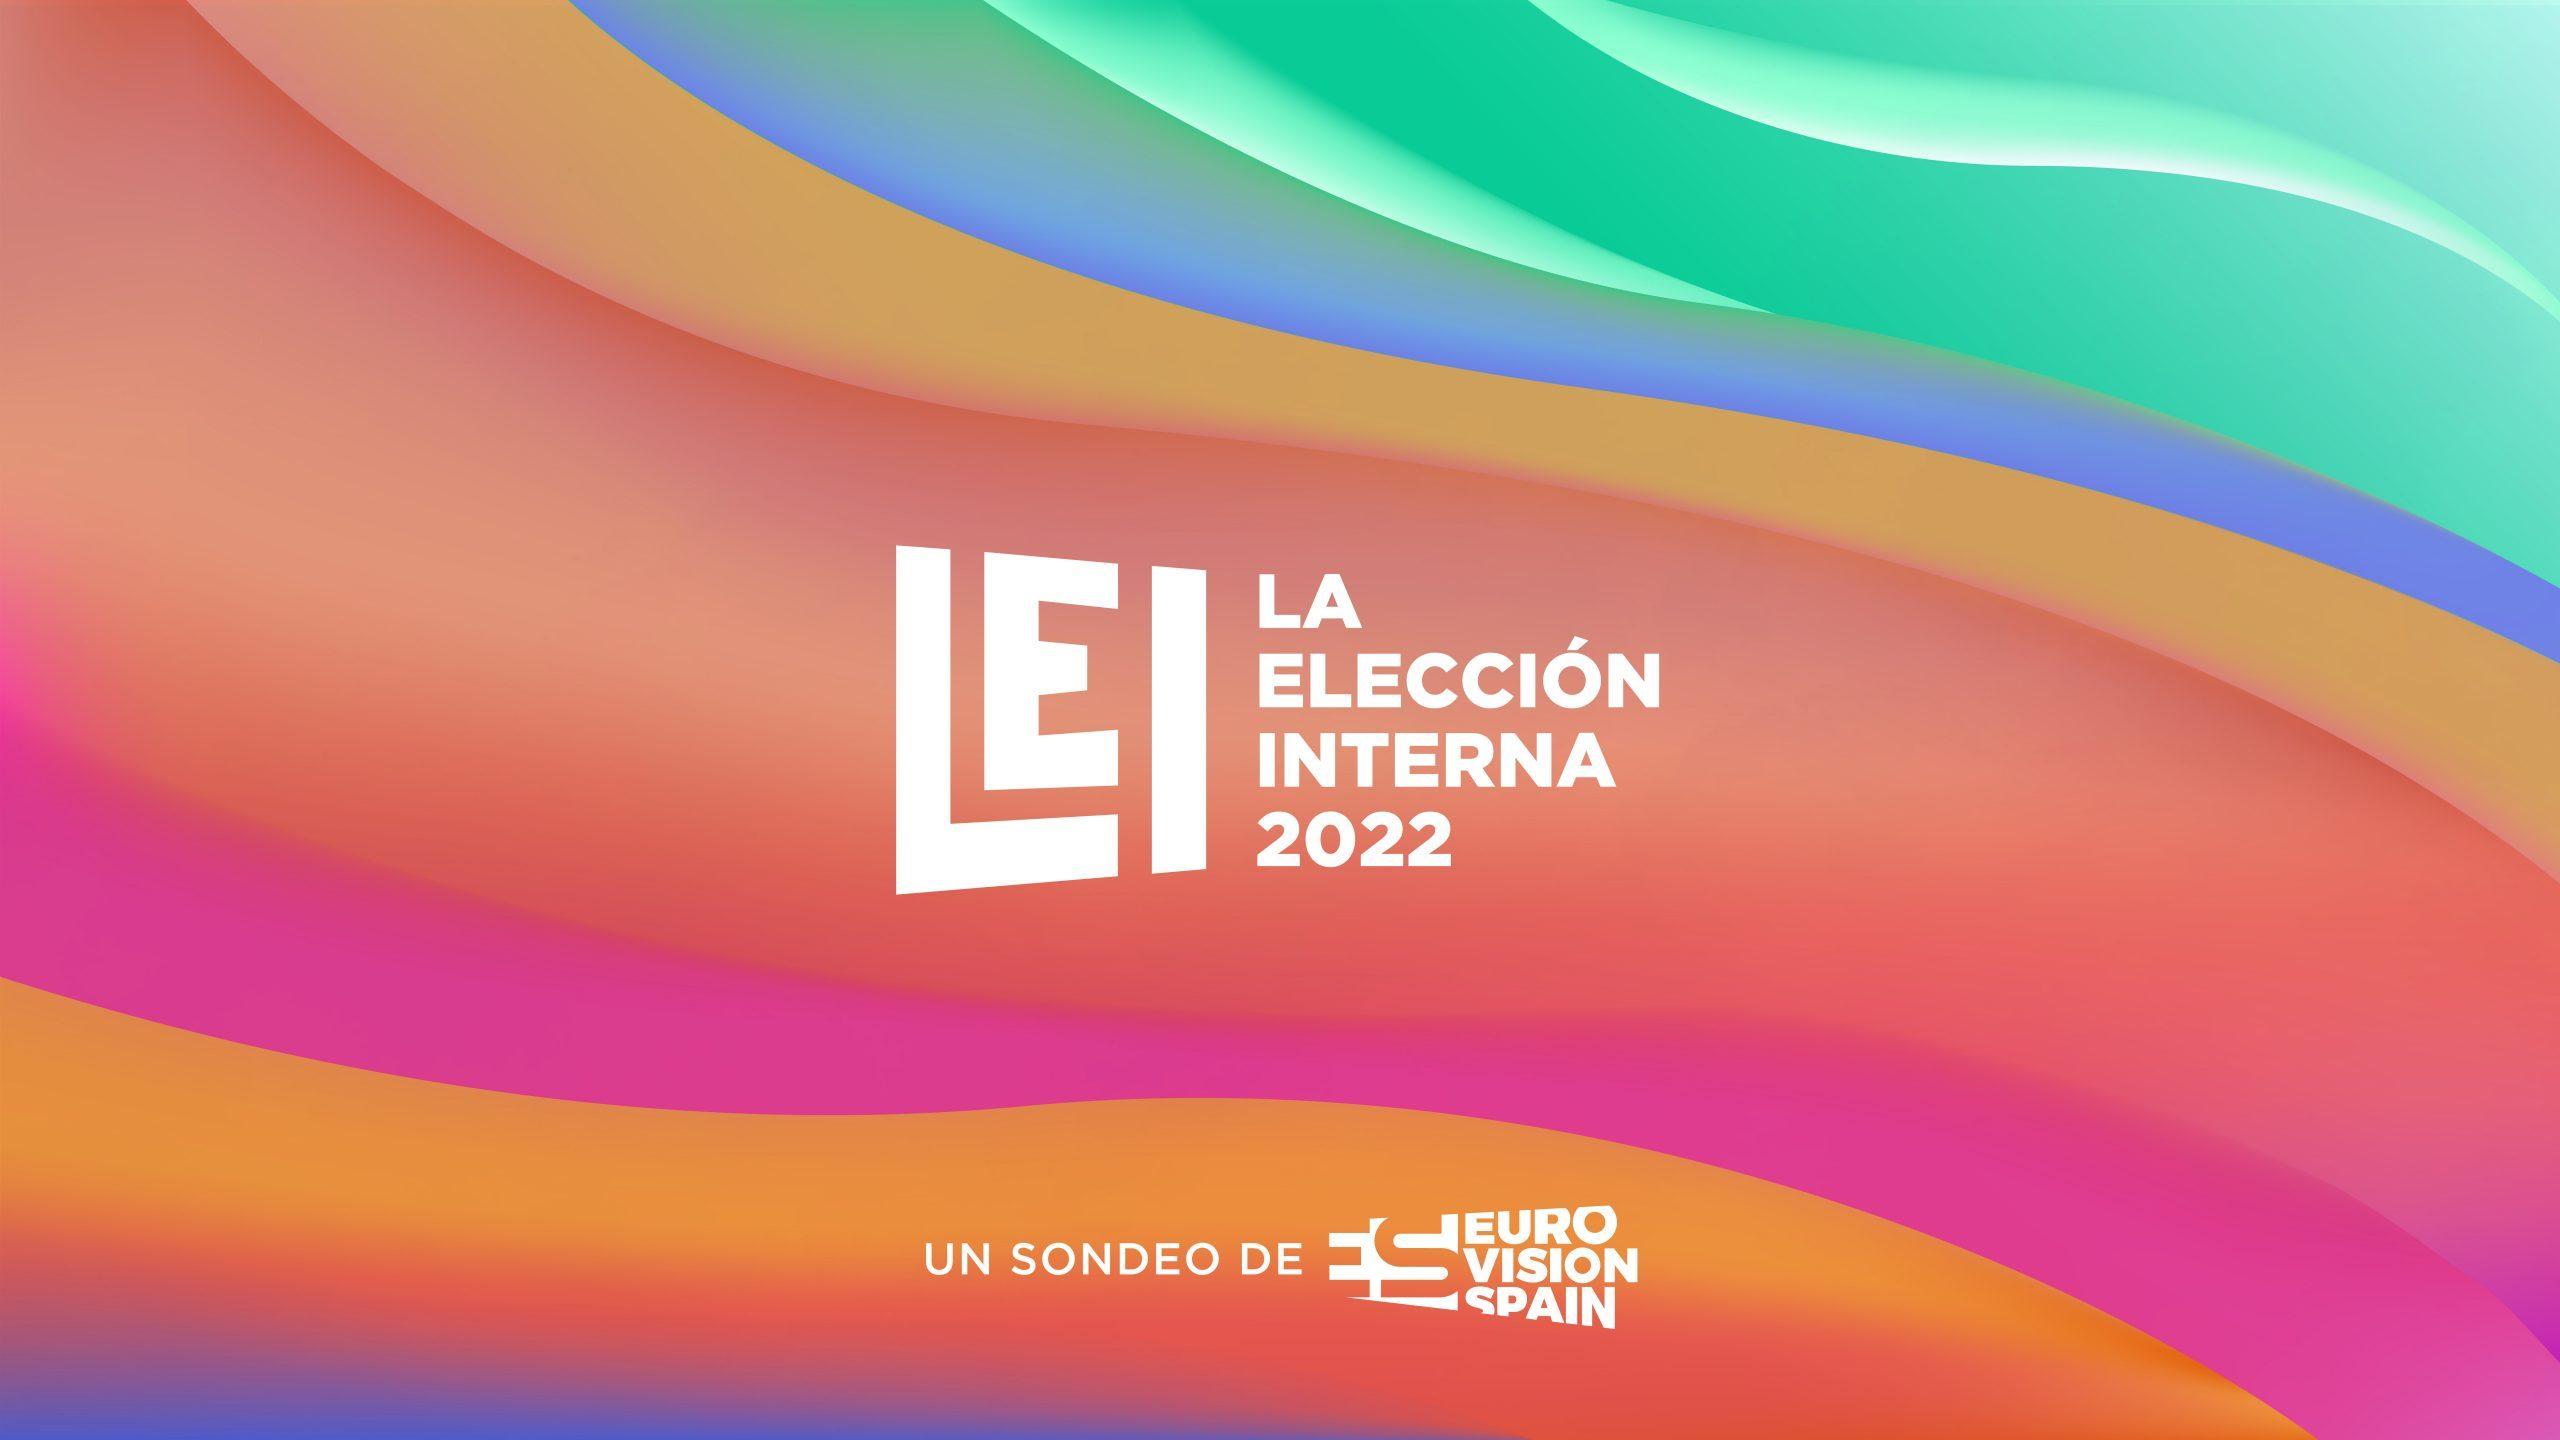 La Elección Interna 2022